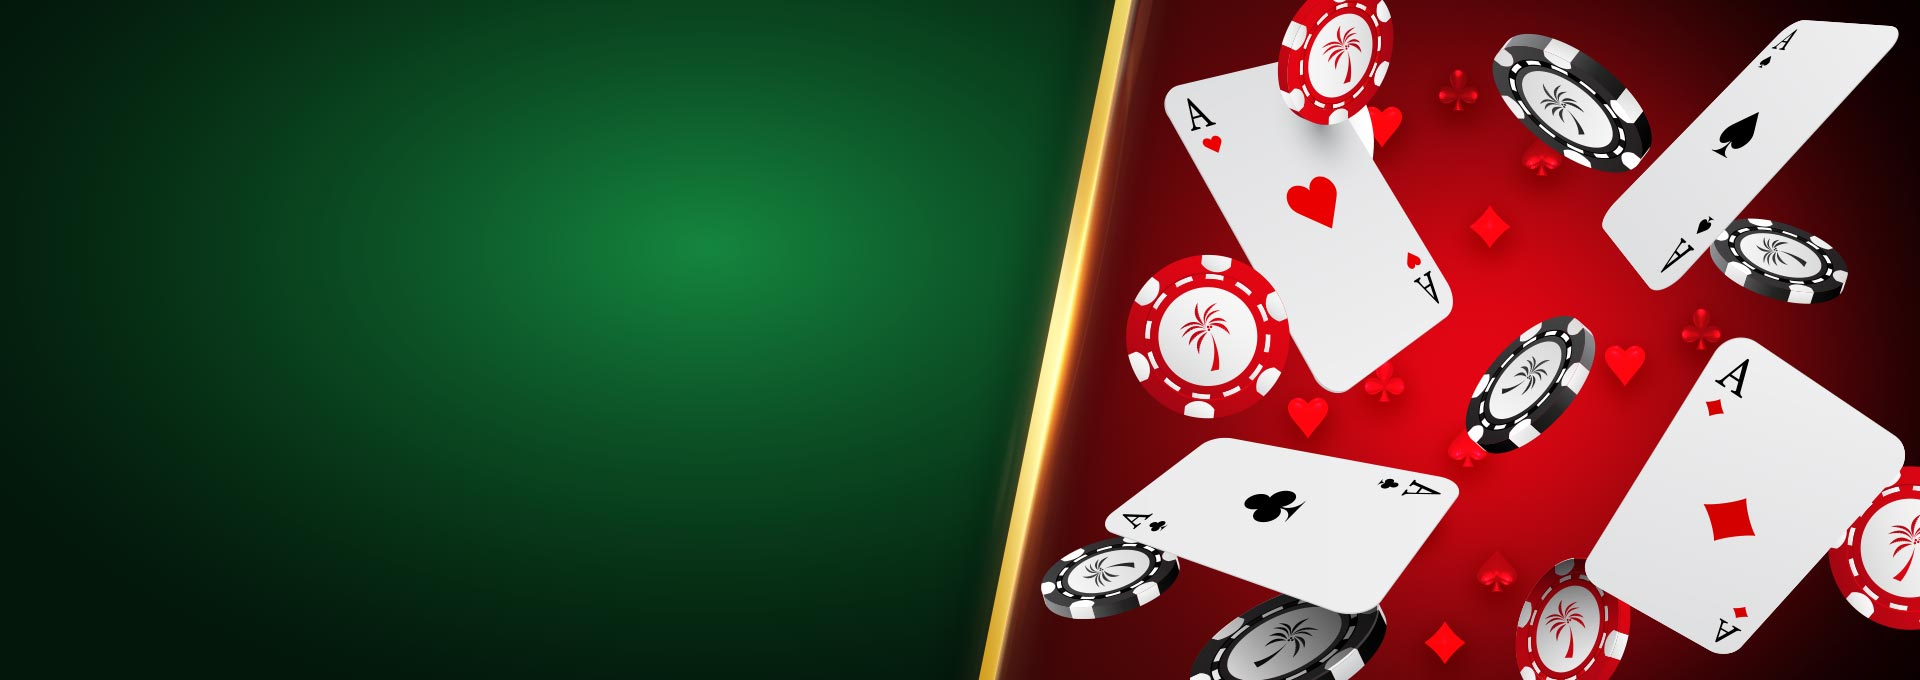 Онлайн казино на реальные деньги выплата налогов